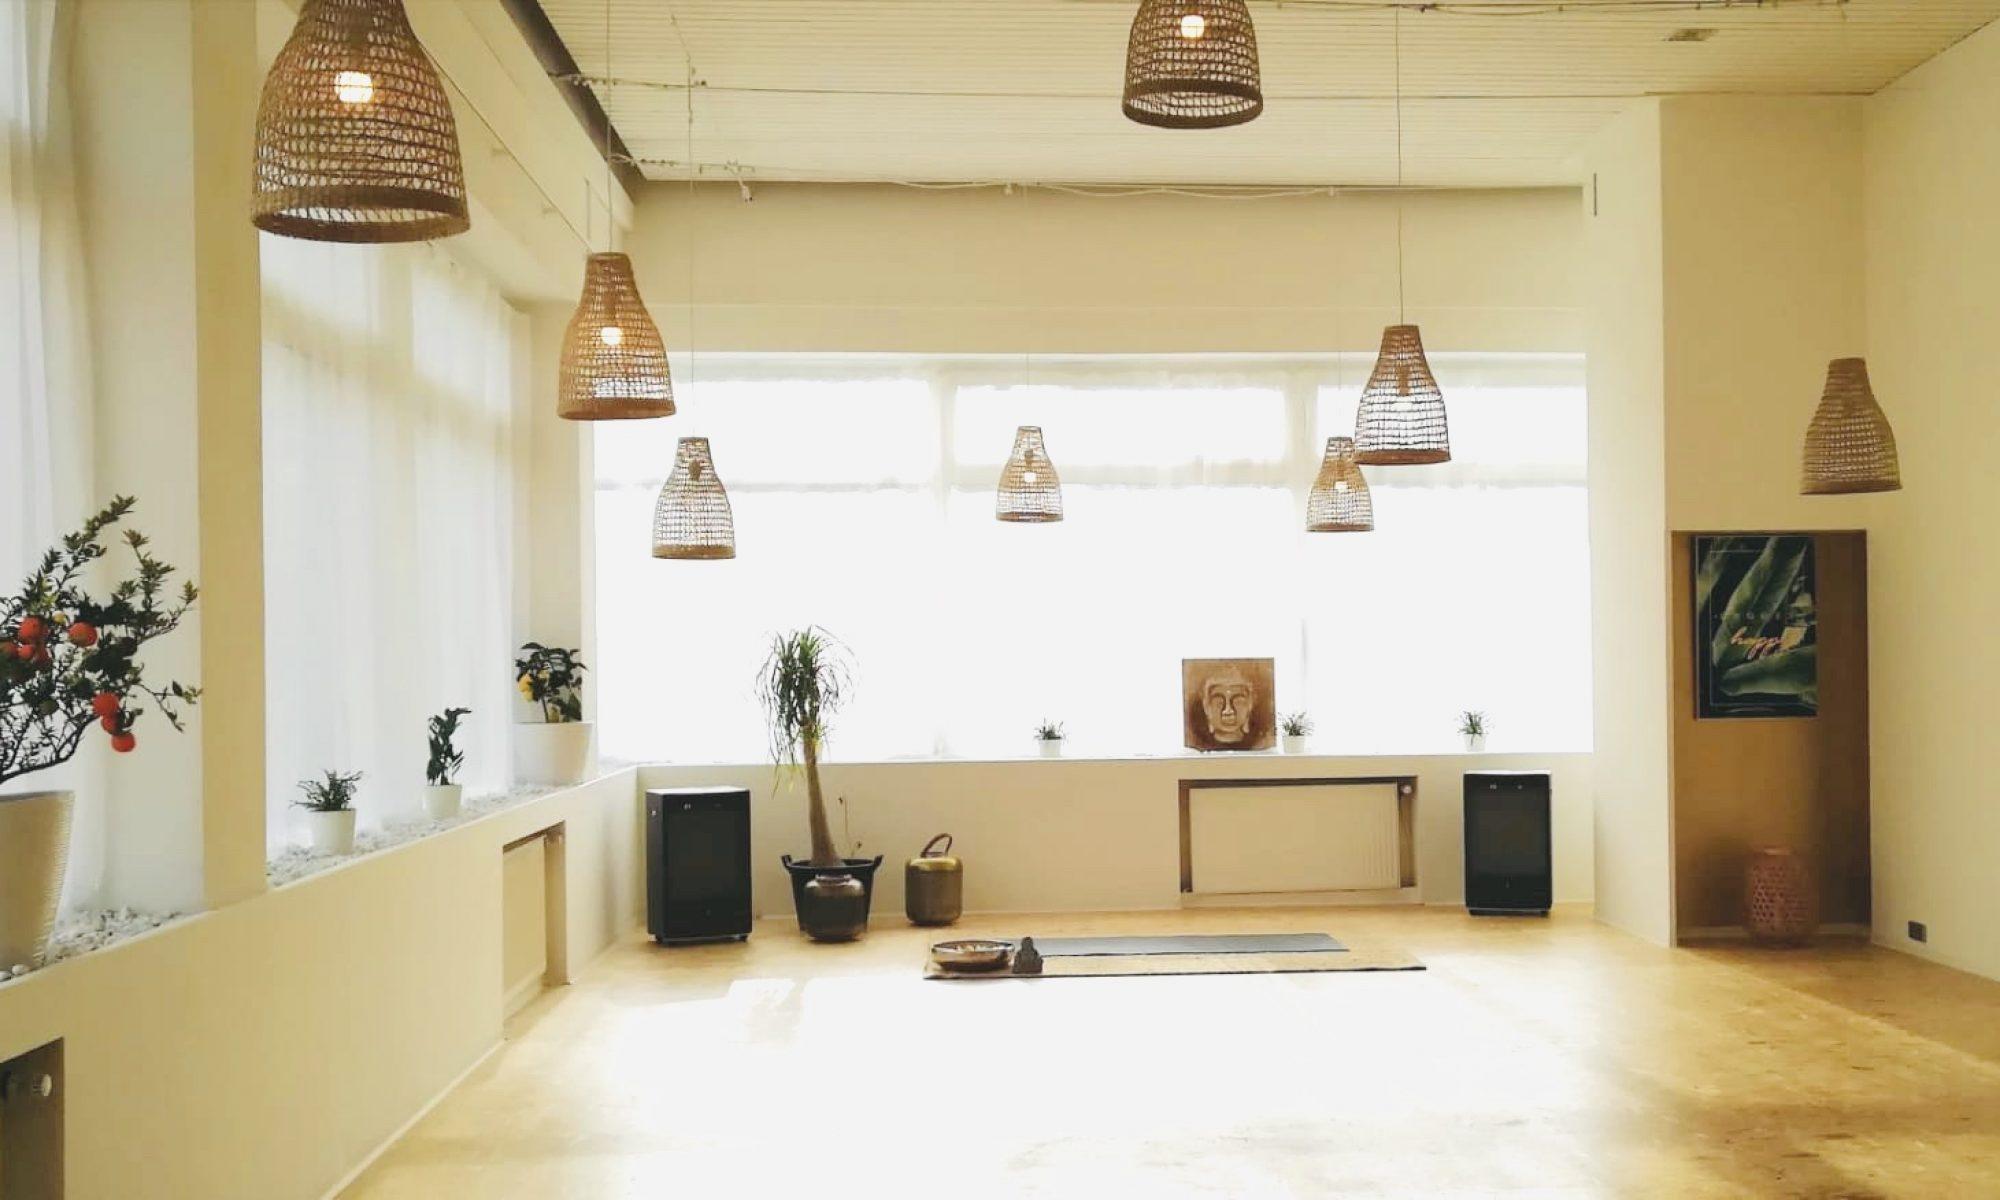 Studio 108 Würzburg - Yoga. Wellness. Lifestyle.